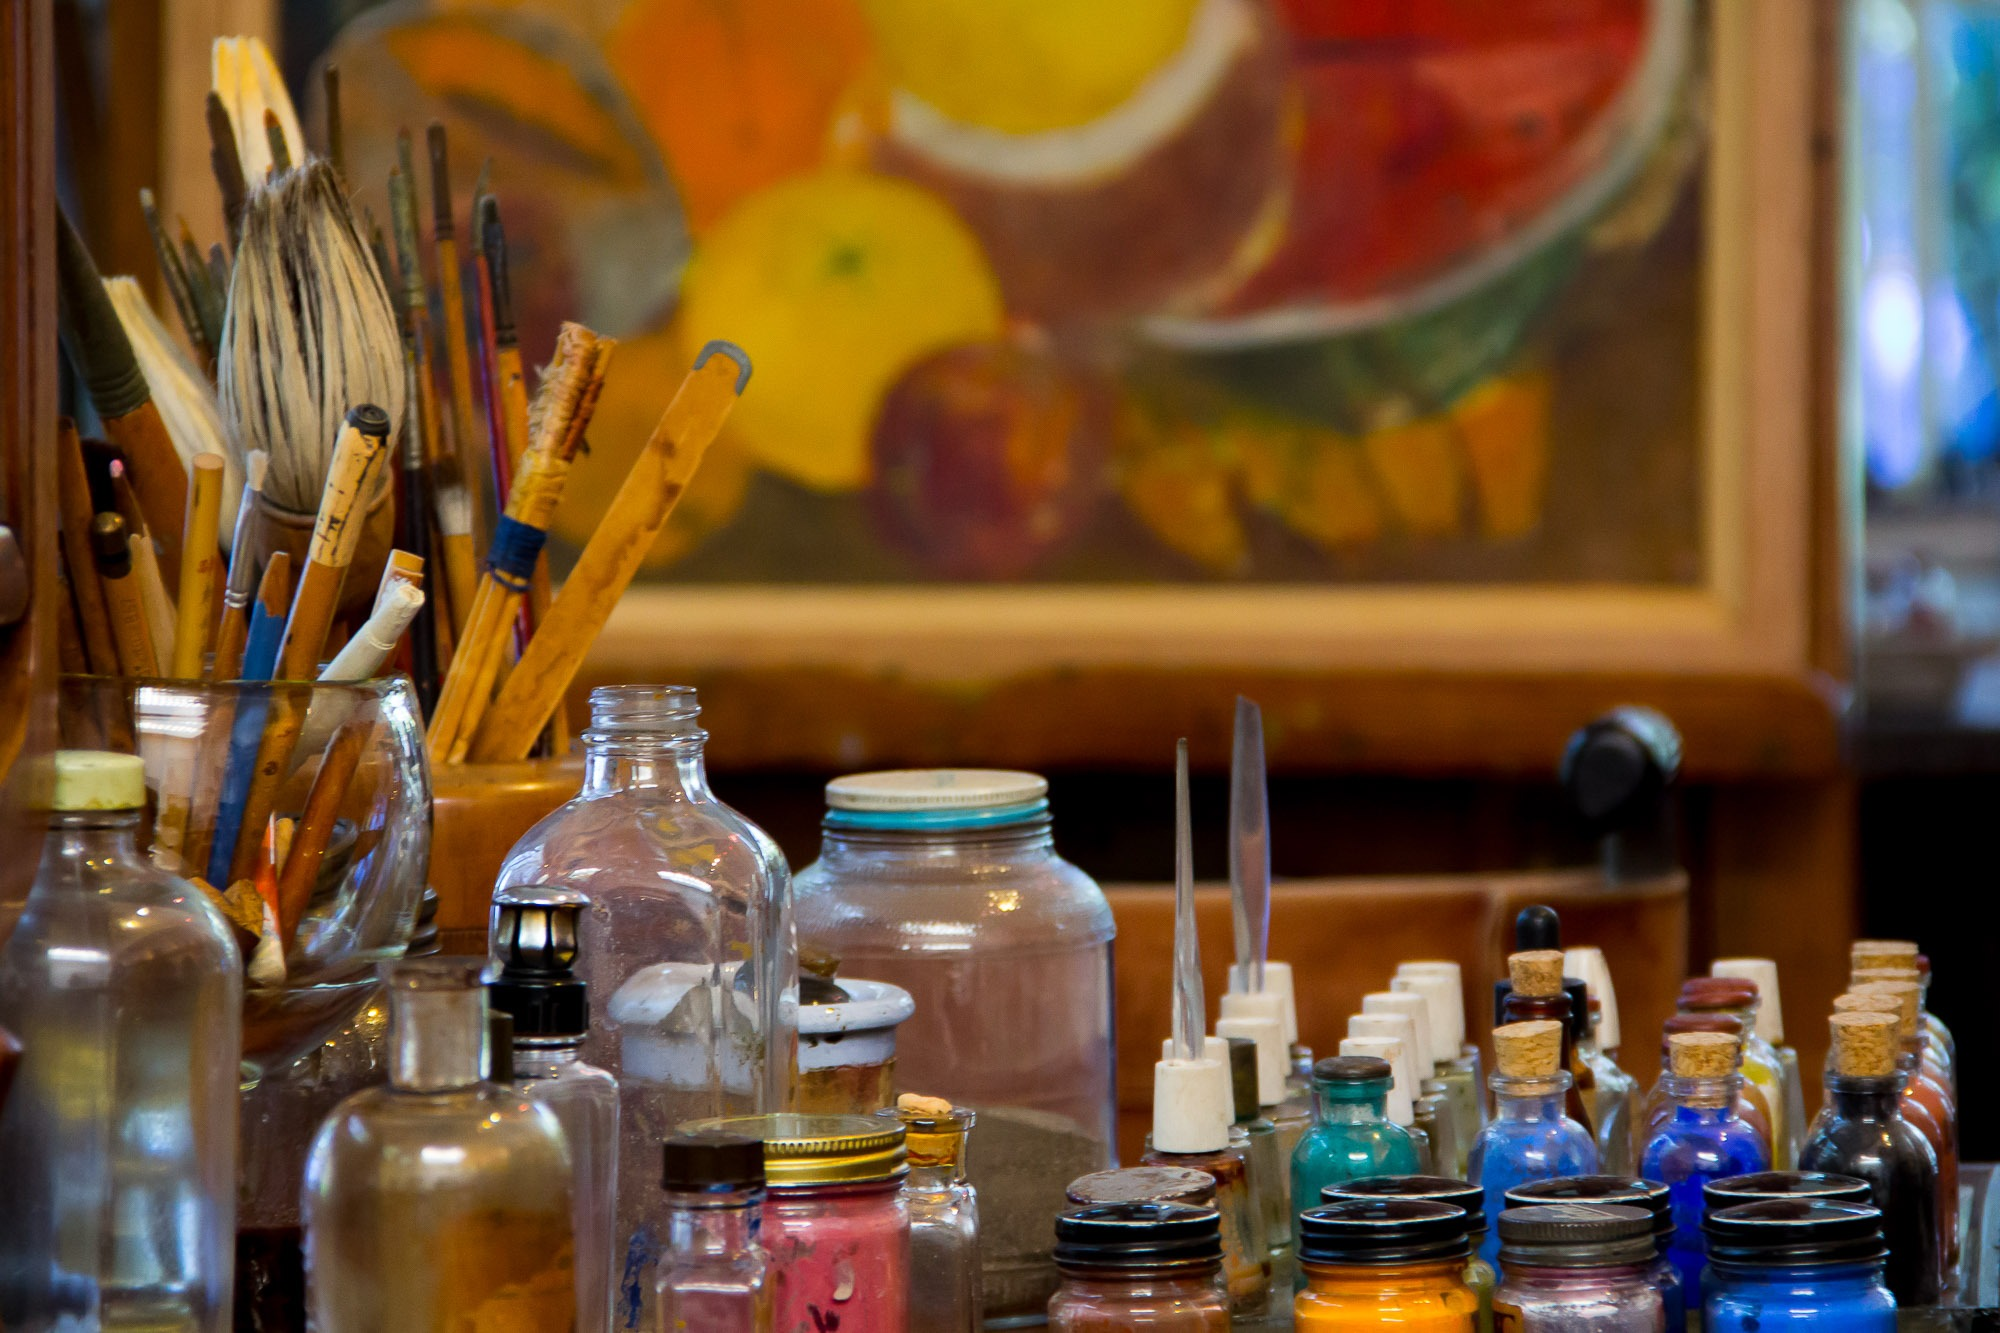 O ateliê de Frida Kahlo, suas tintas, seus pincéis, suas cores.